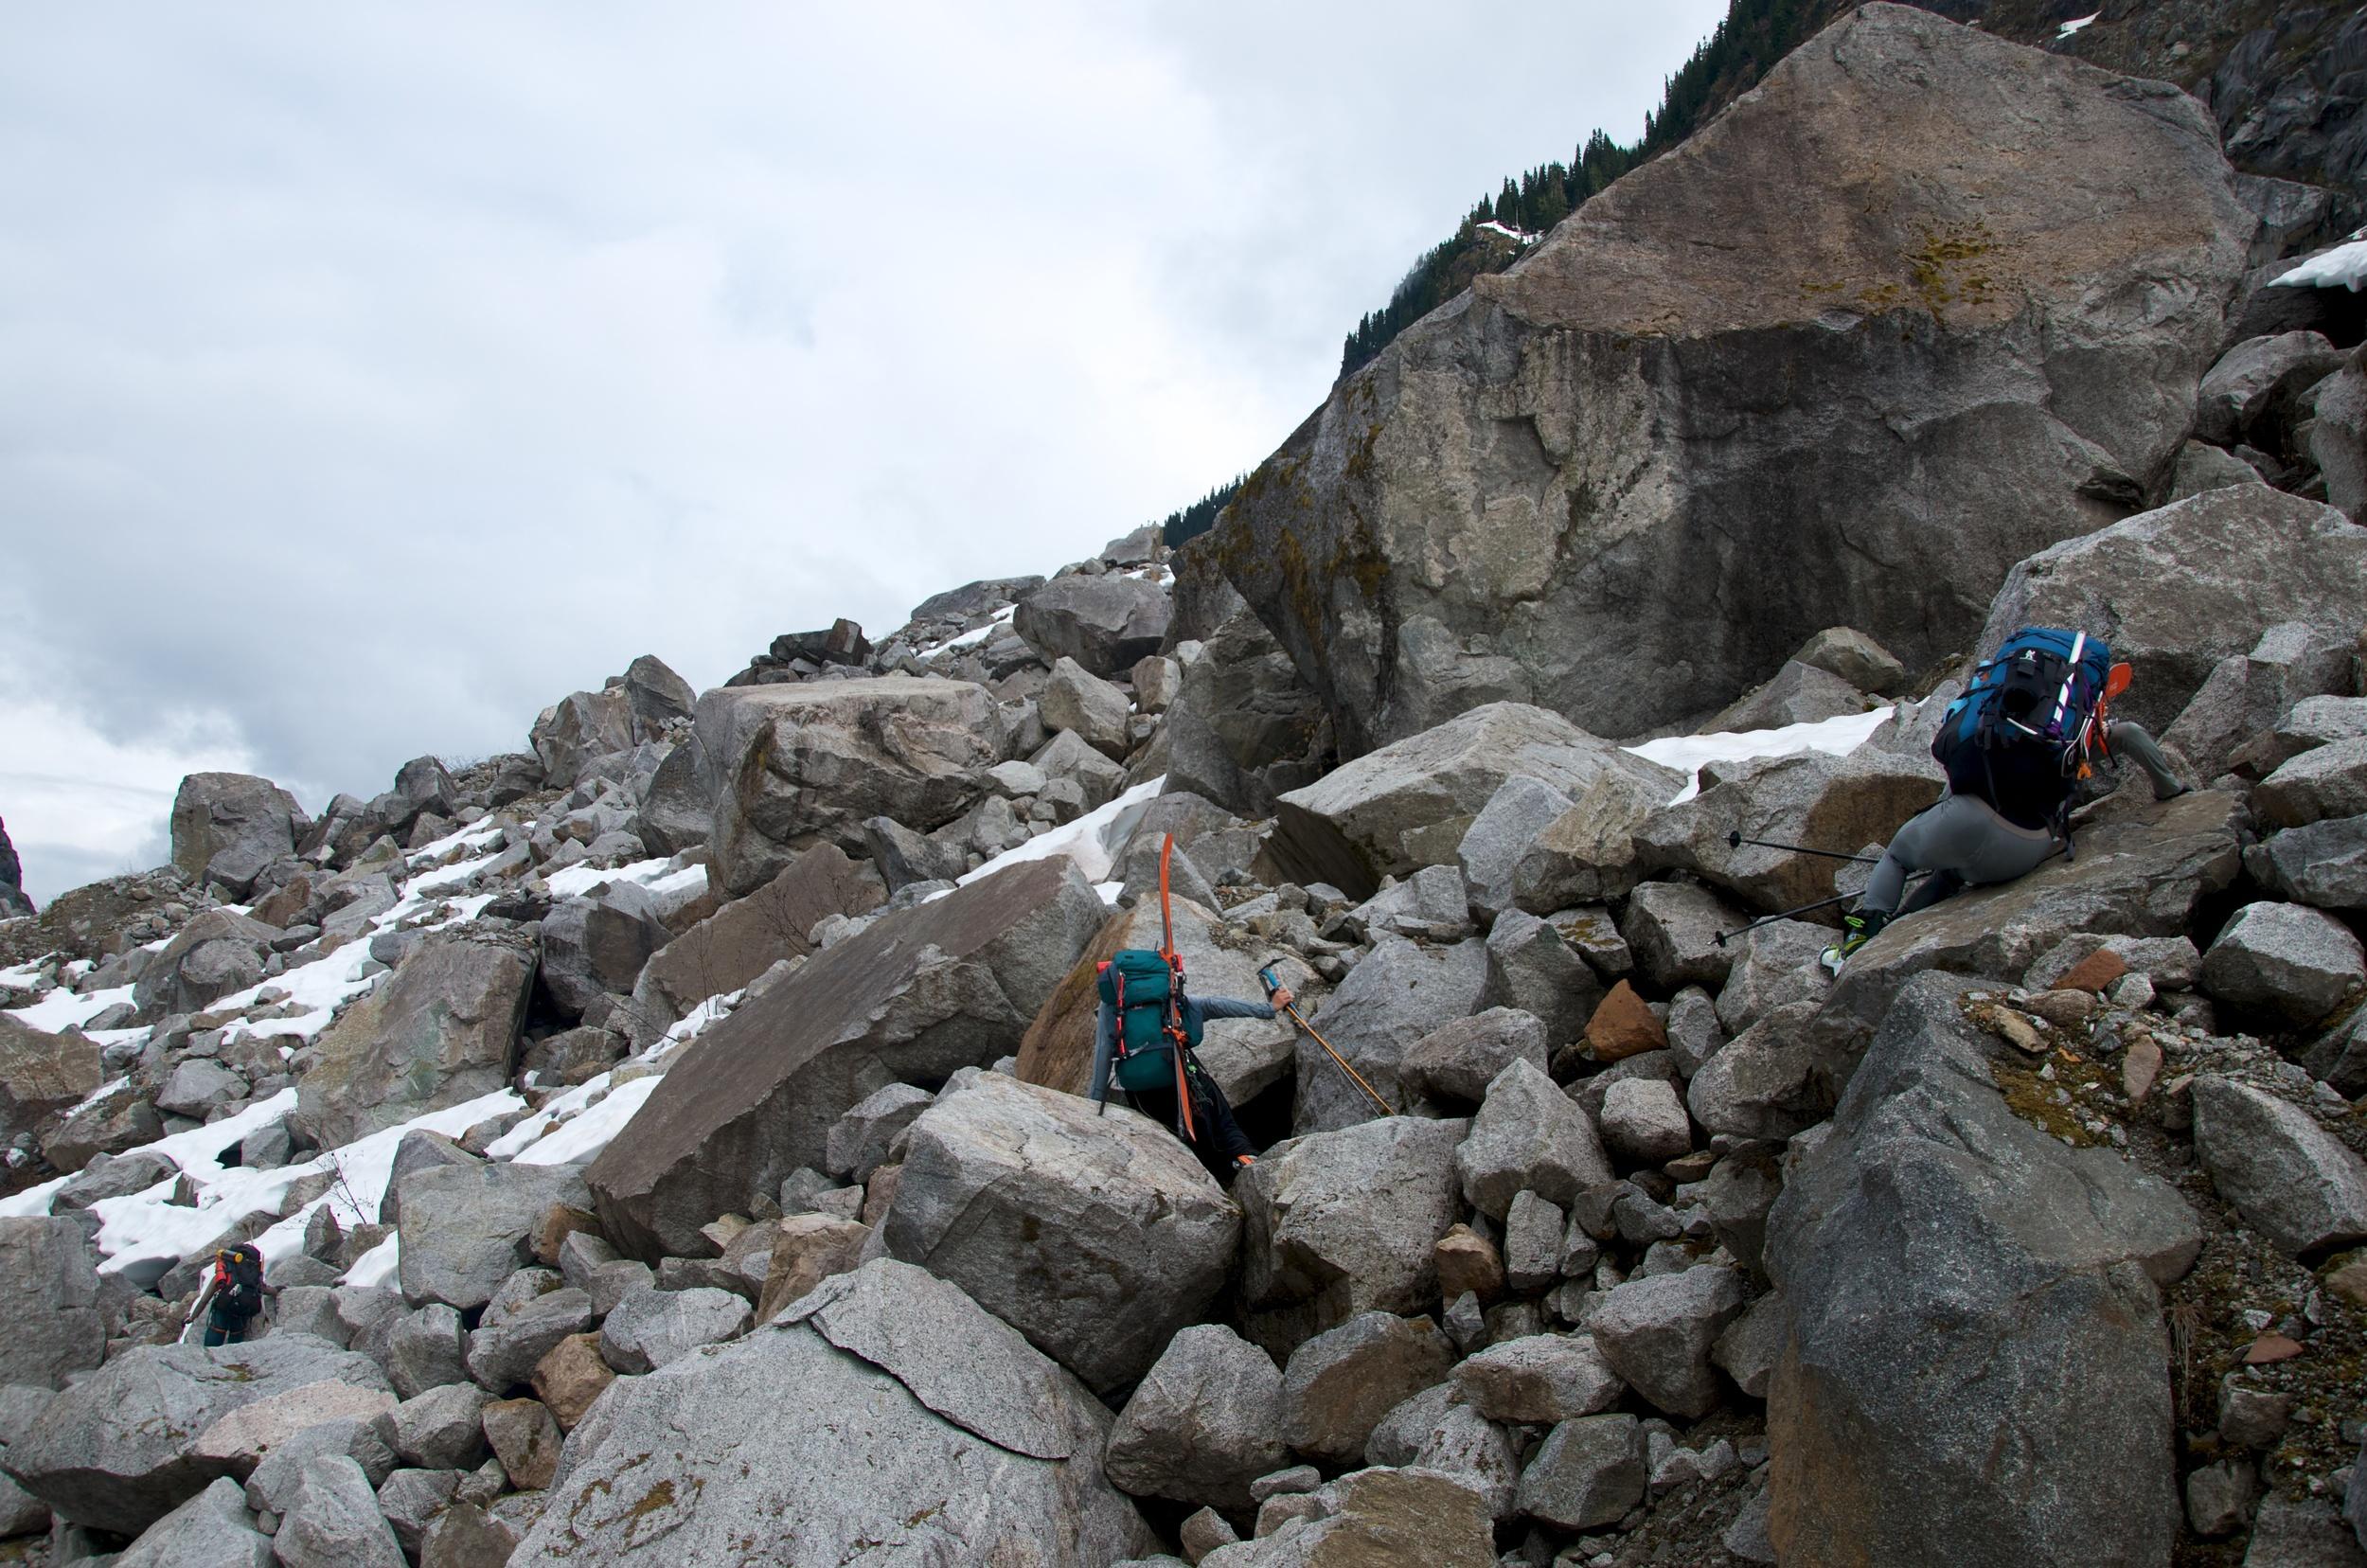 Crossing boulders.